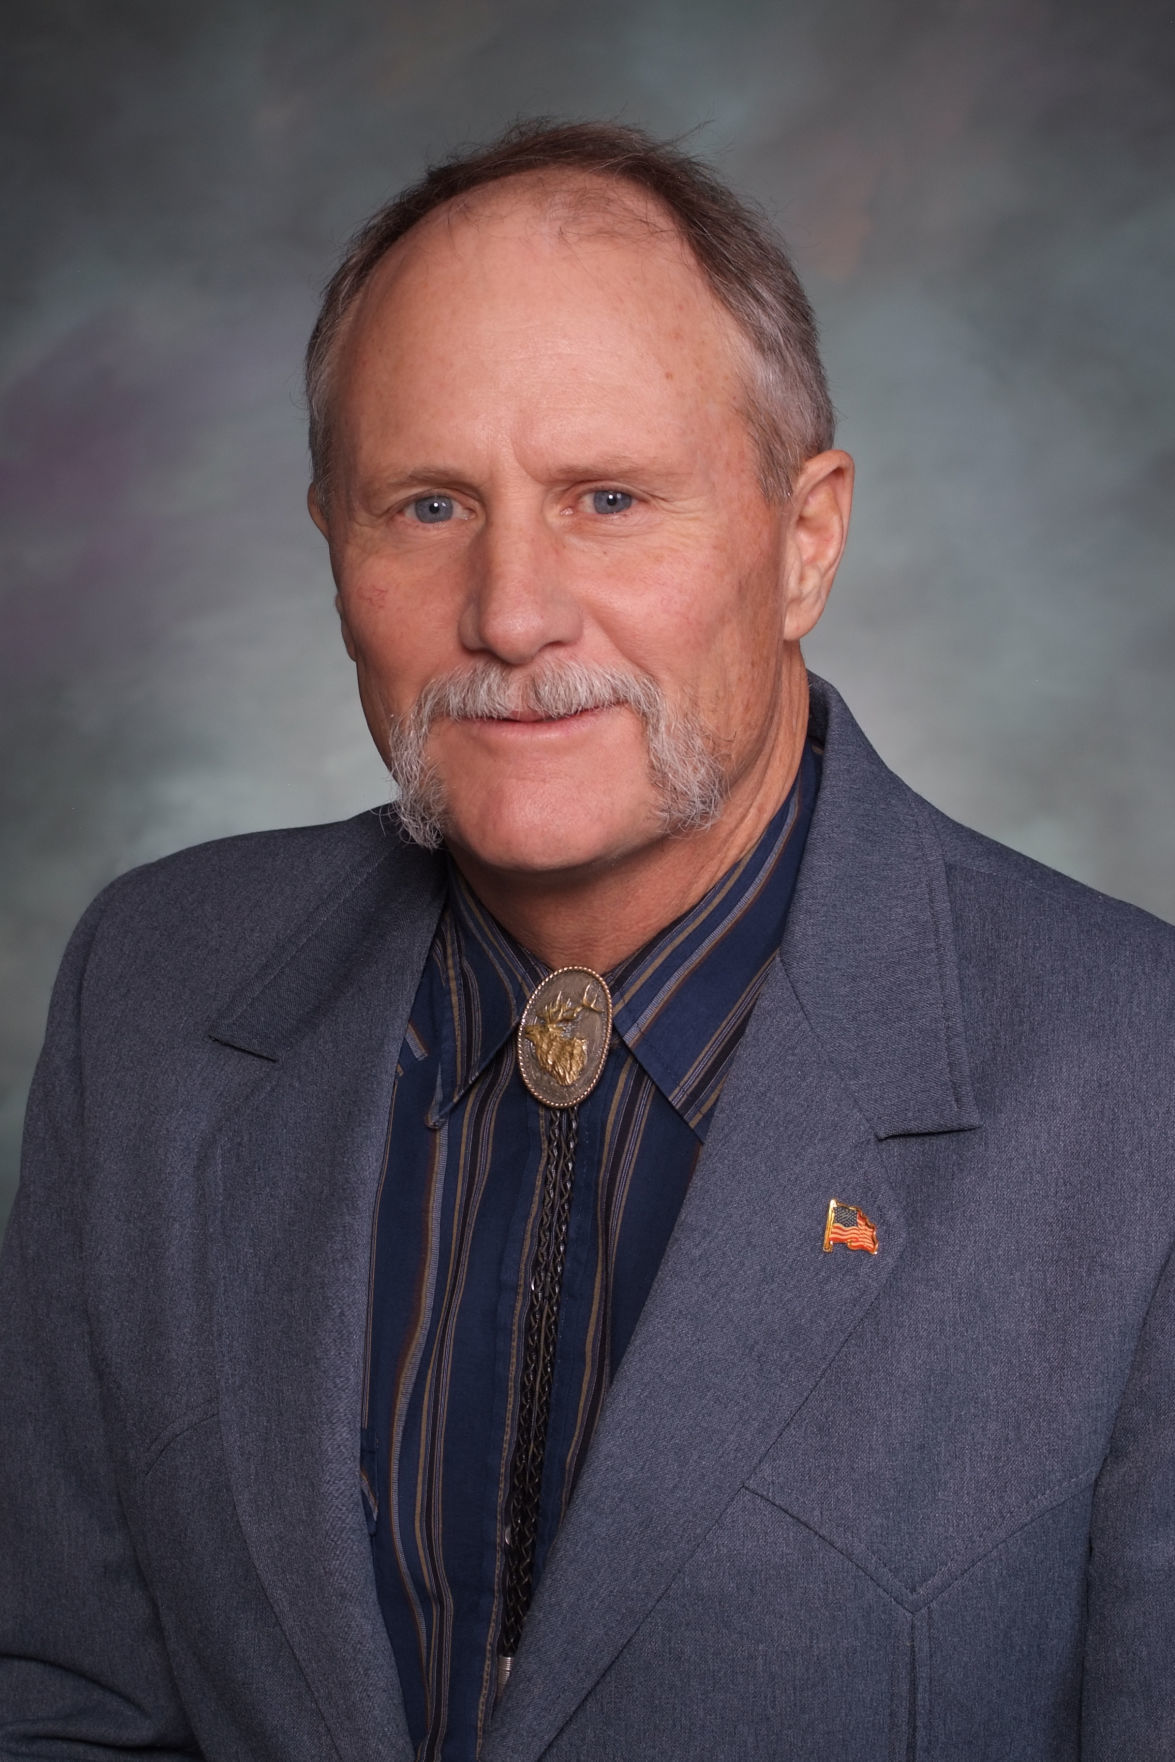 Sen. Larry Hicks